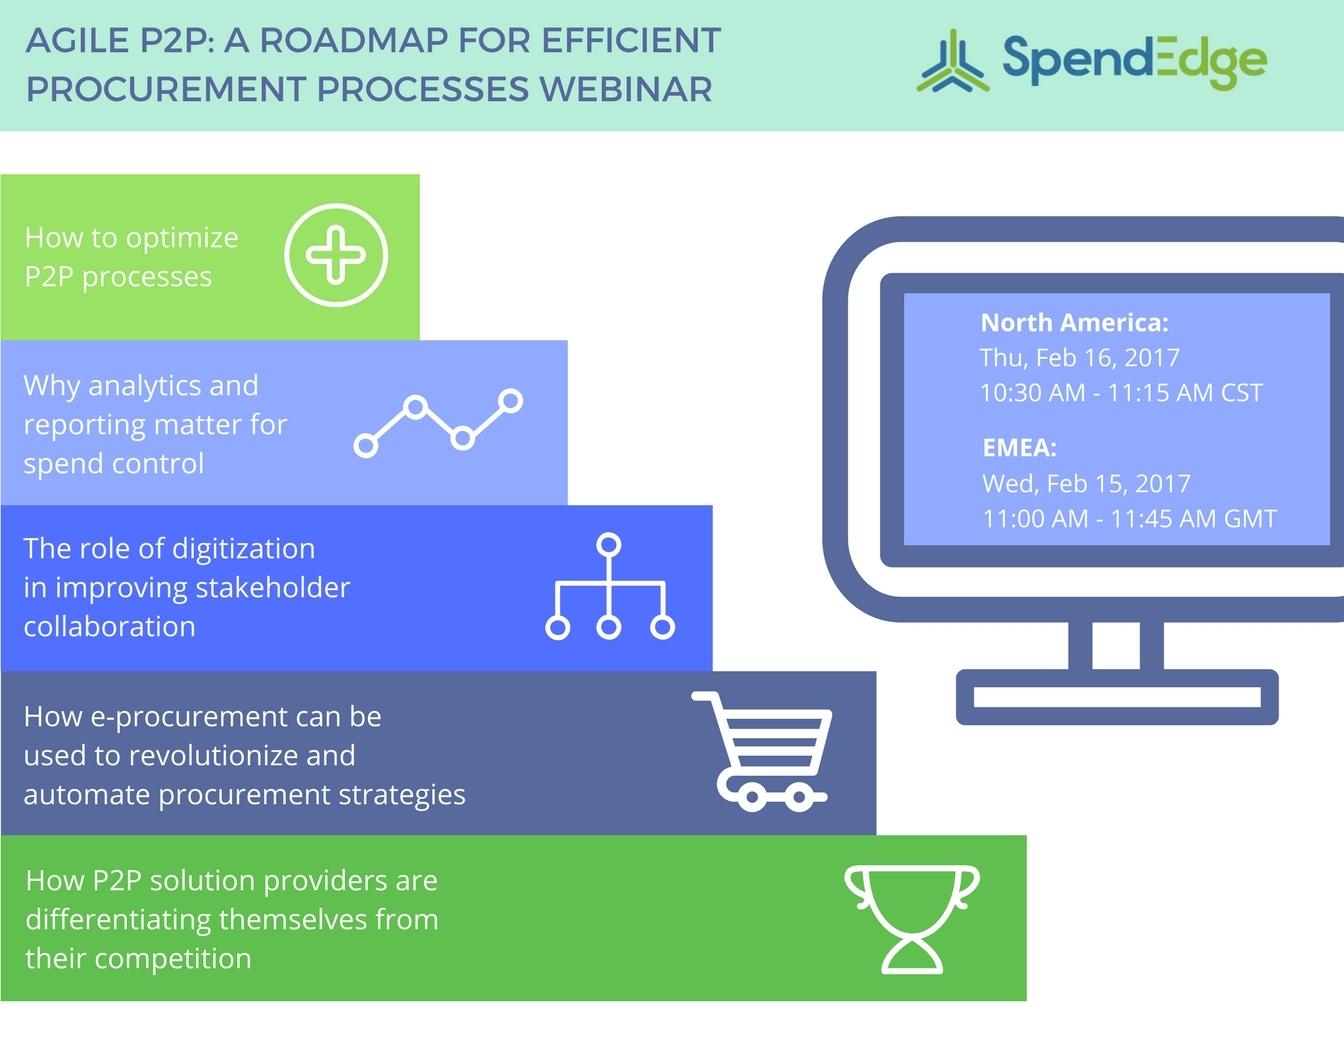 agile p2p a roadmap for an efficient procurement process webinar